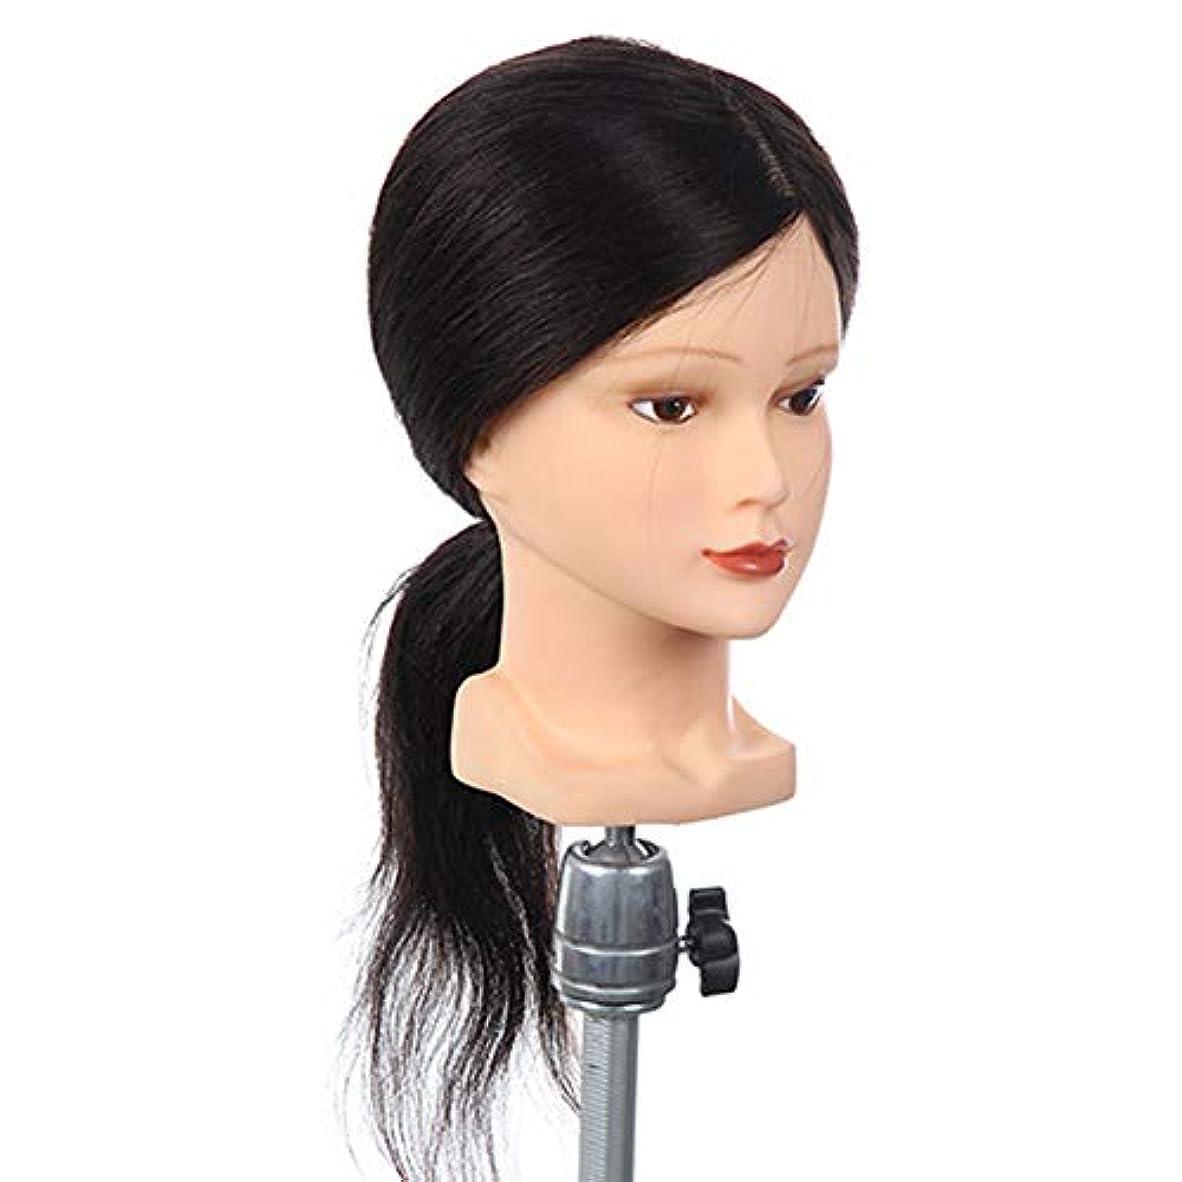 申し立てられたループ分子100%本物の髪型モデルヘッド花嫁ヘアエクササイズヘッド金型理髪店学習ダミーヘッドはパーマ毛髪染料することができます